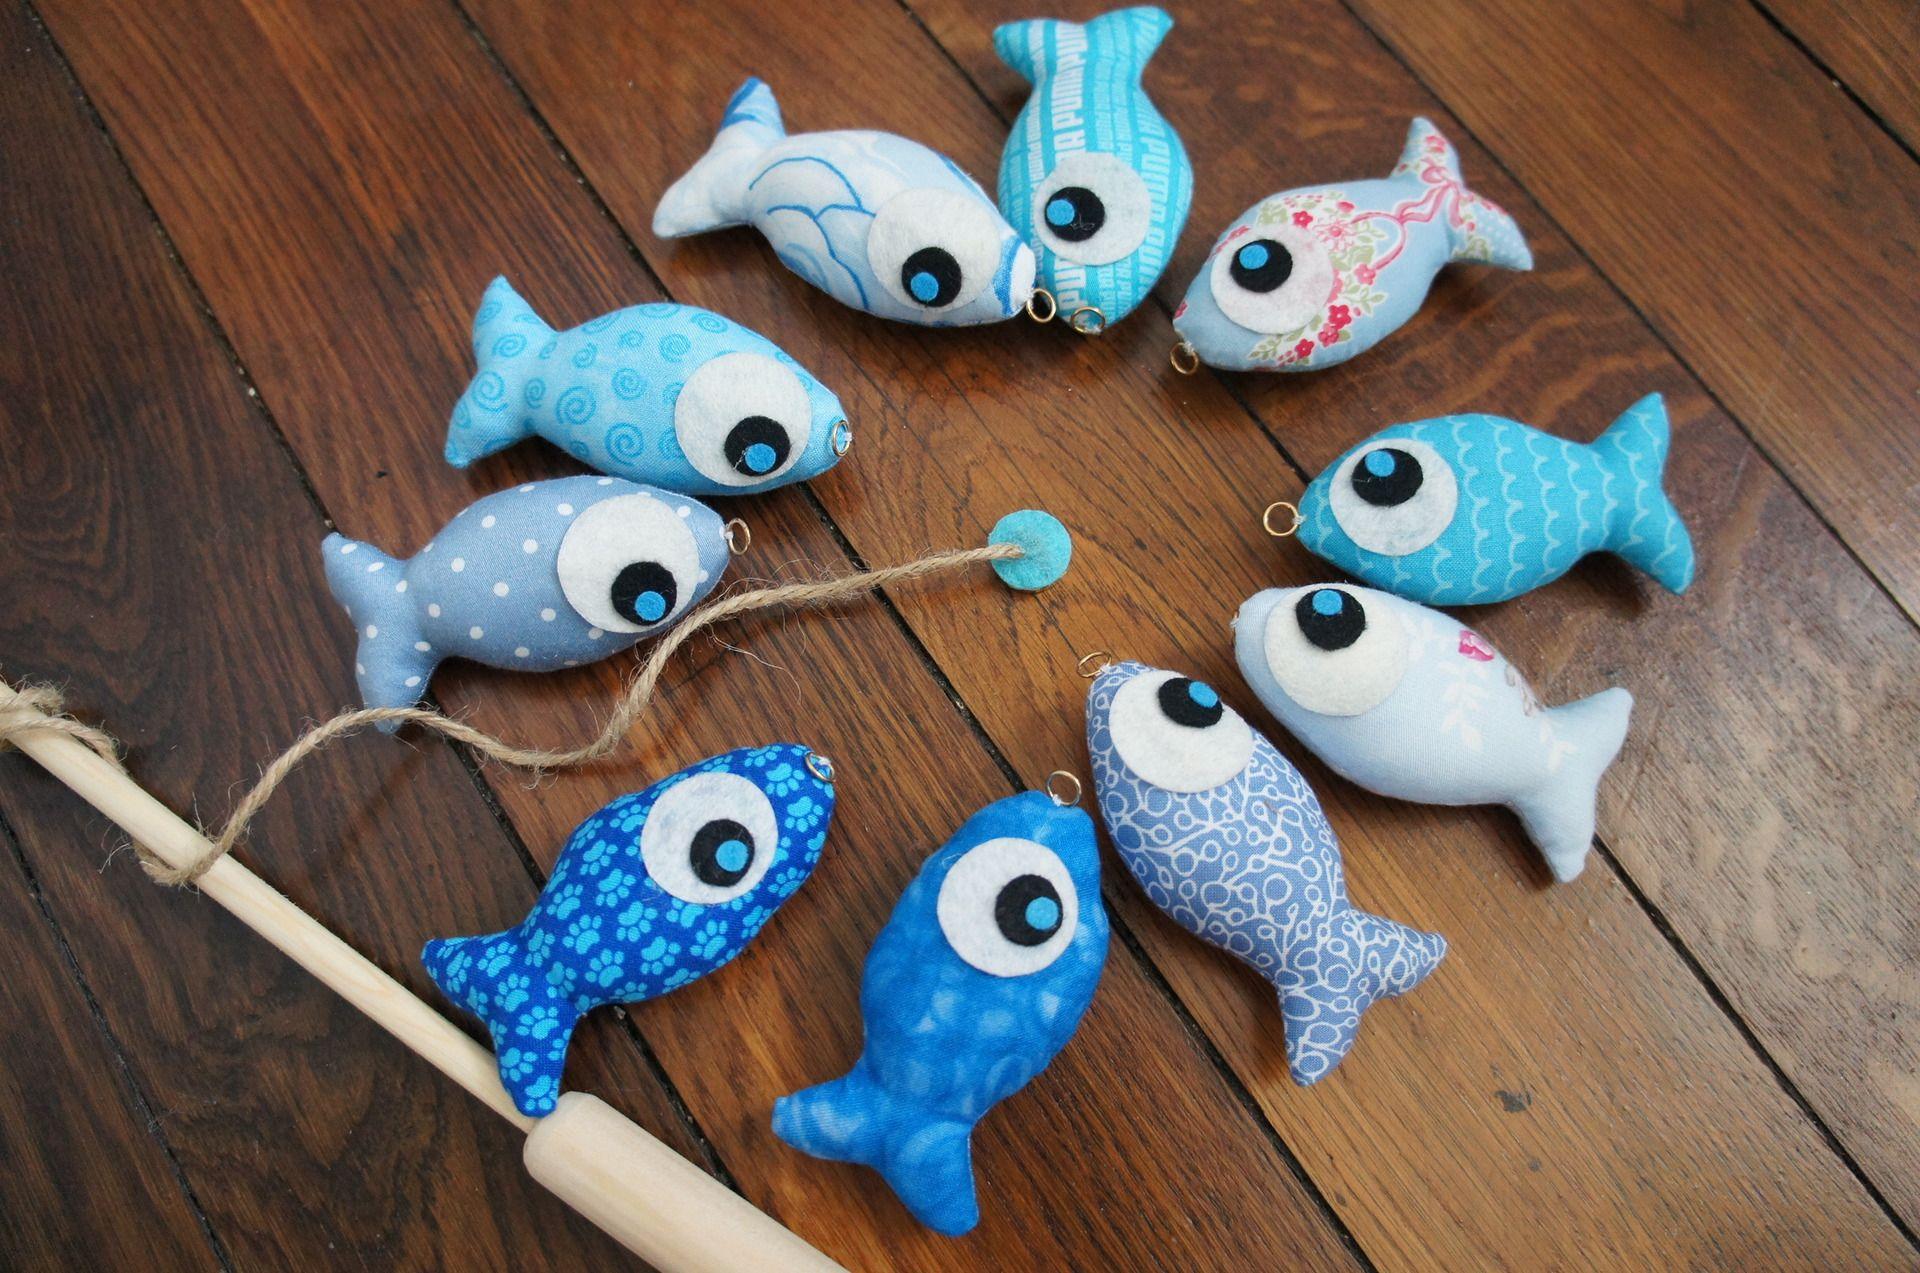 Jeu de pêche à la ligne en tissu pour enfant | Jeux de pêche, Jouets en tissu, Ornements en feutre